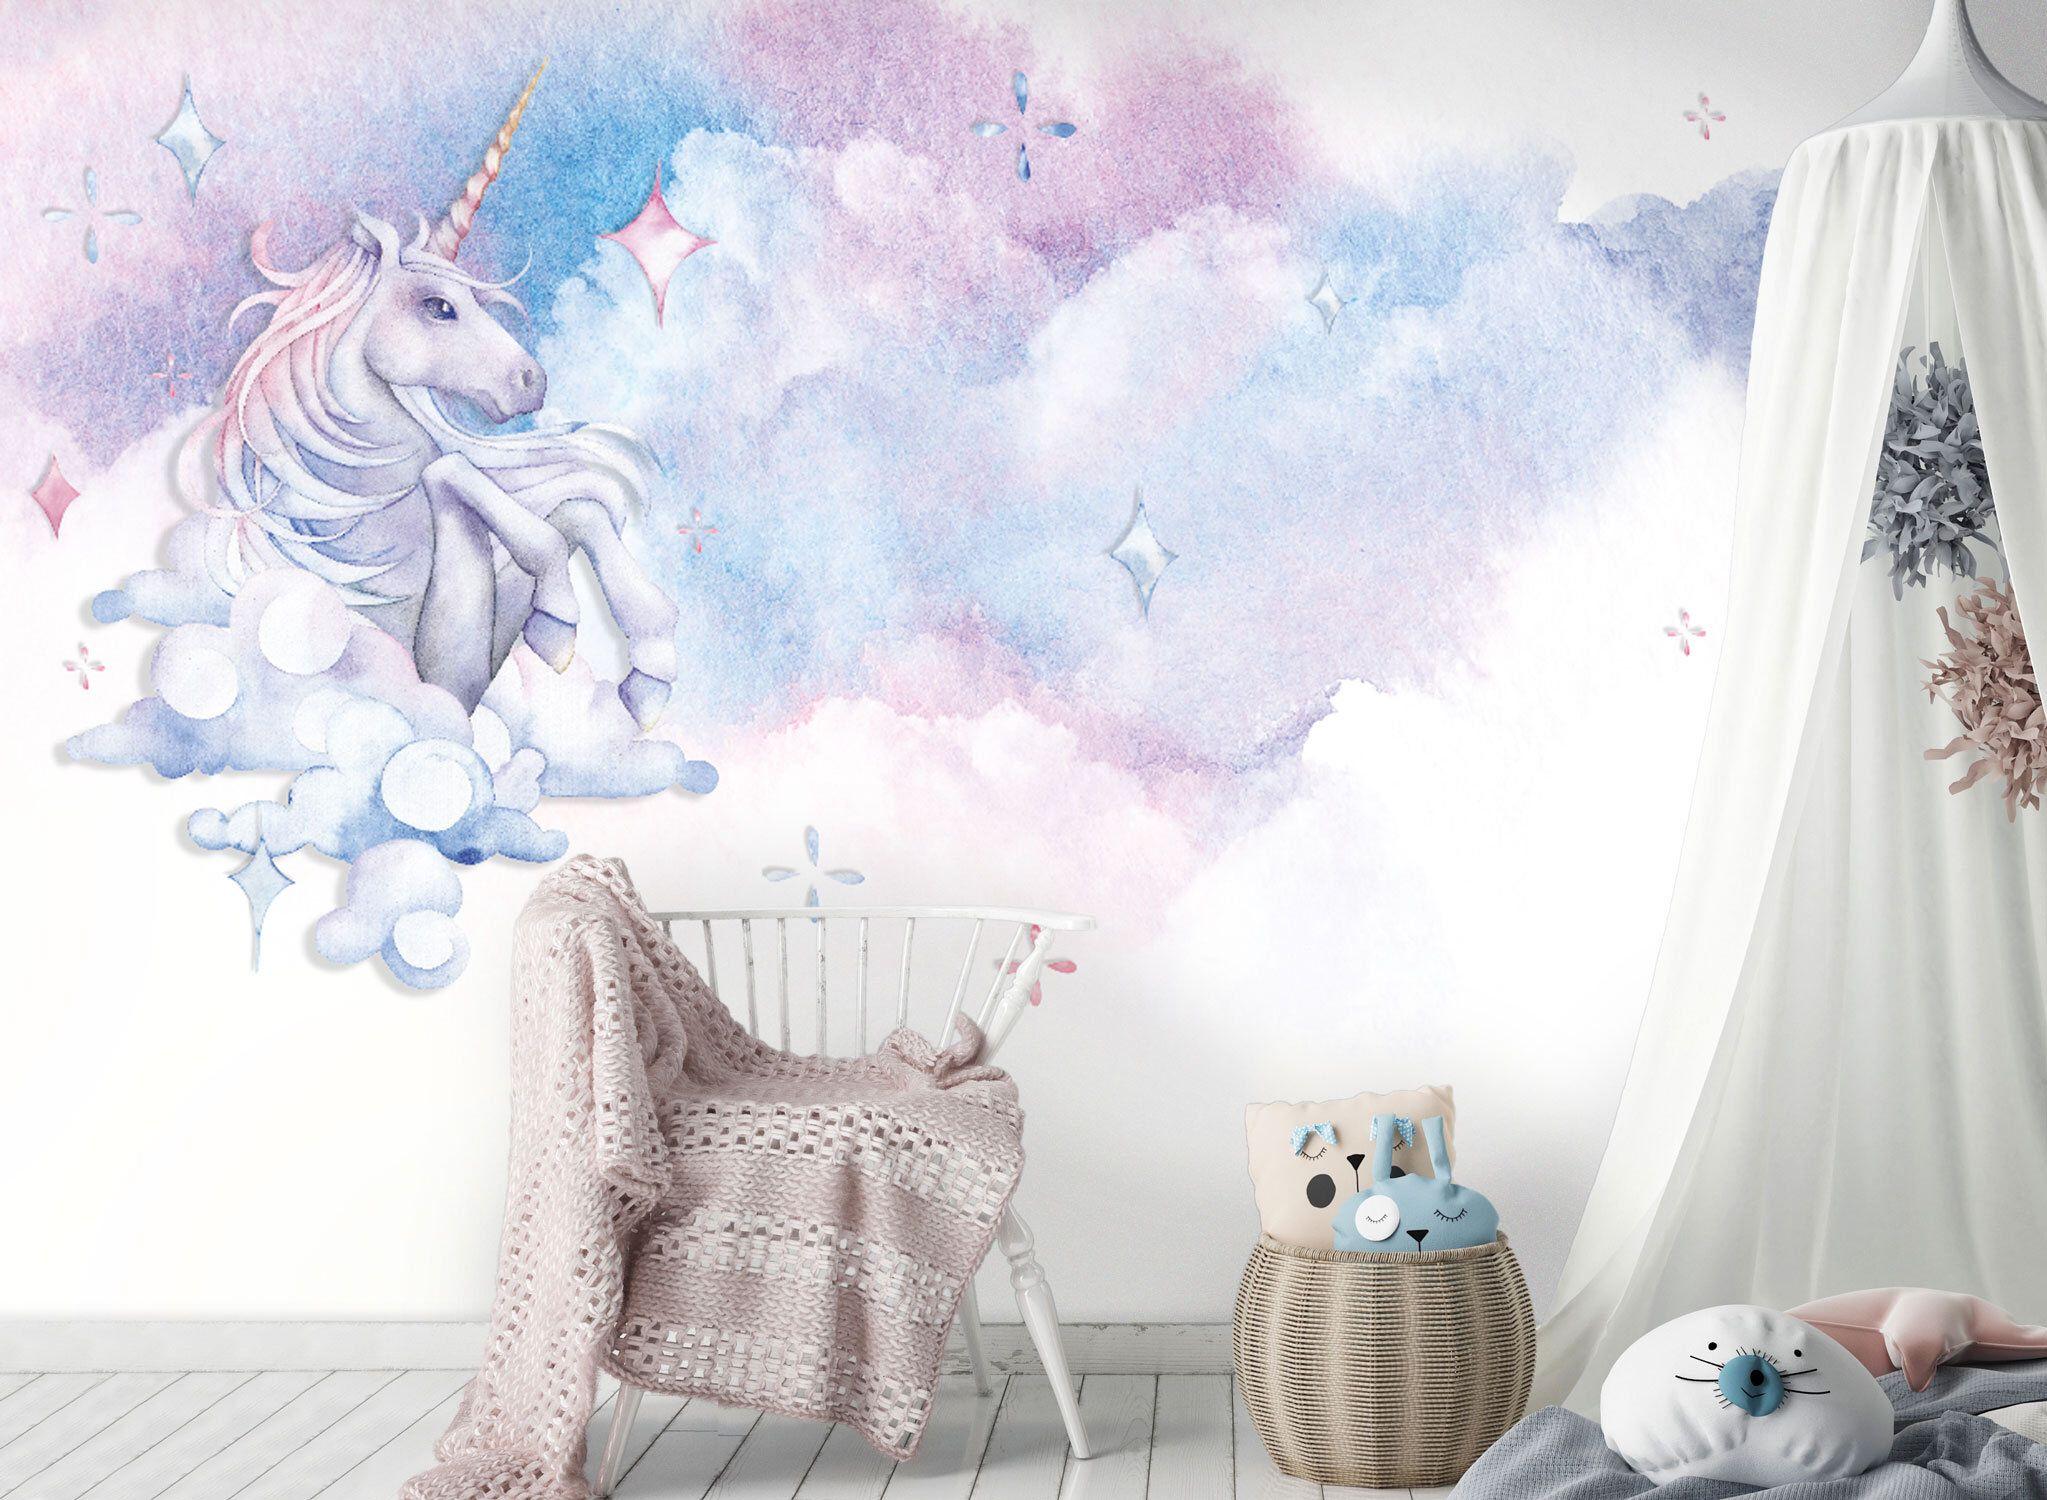 Tapete Fototapete Kinderzimmer Einhorn Aquarell Wolken